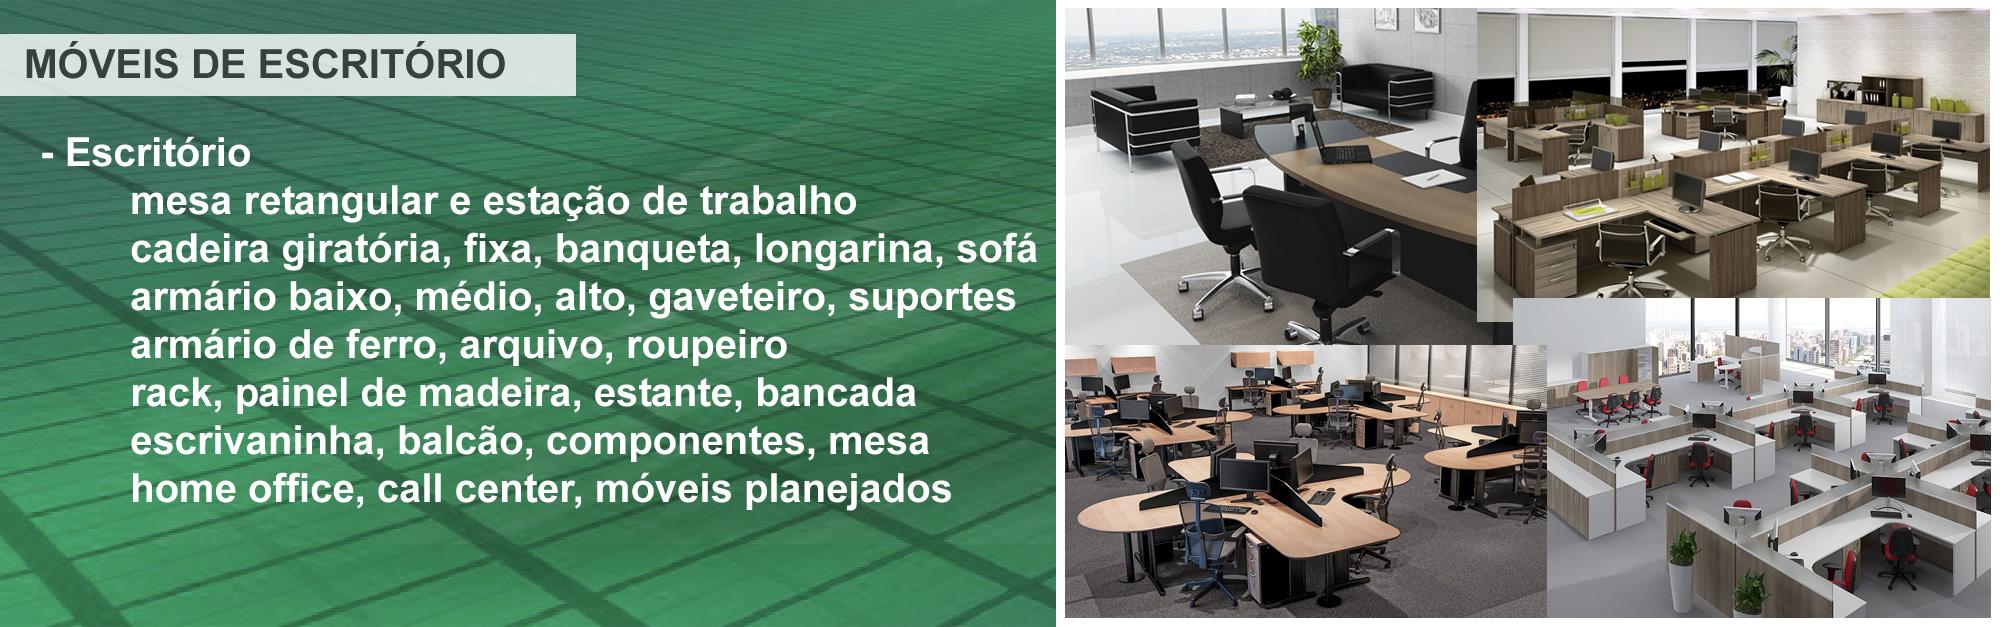 SupriWay - Móveis de escritório